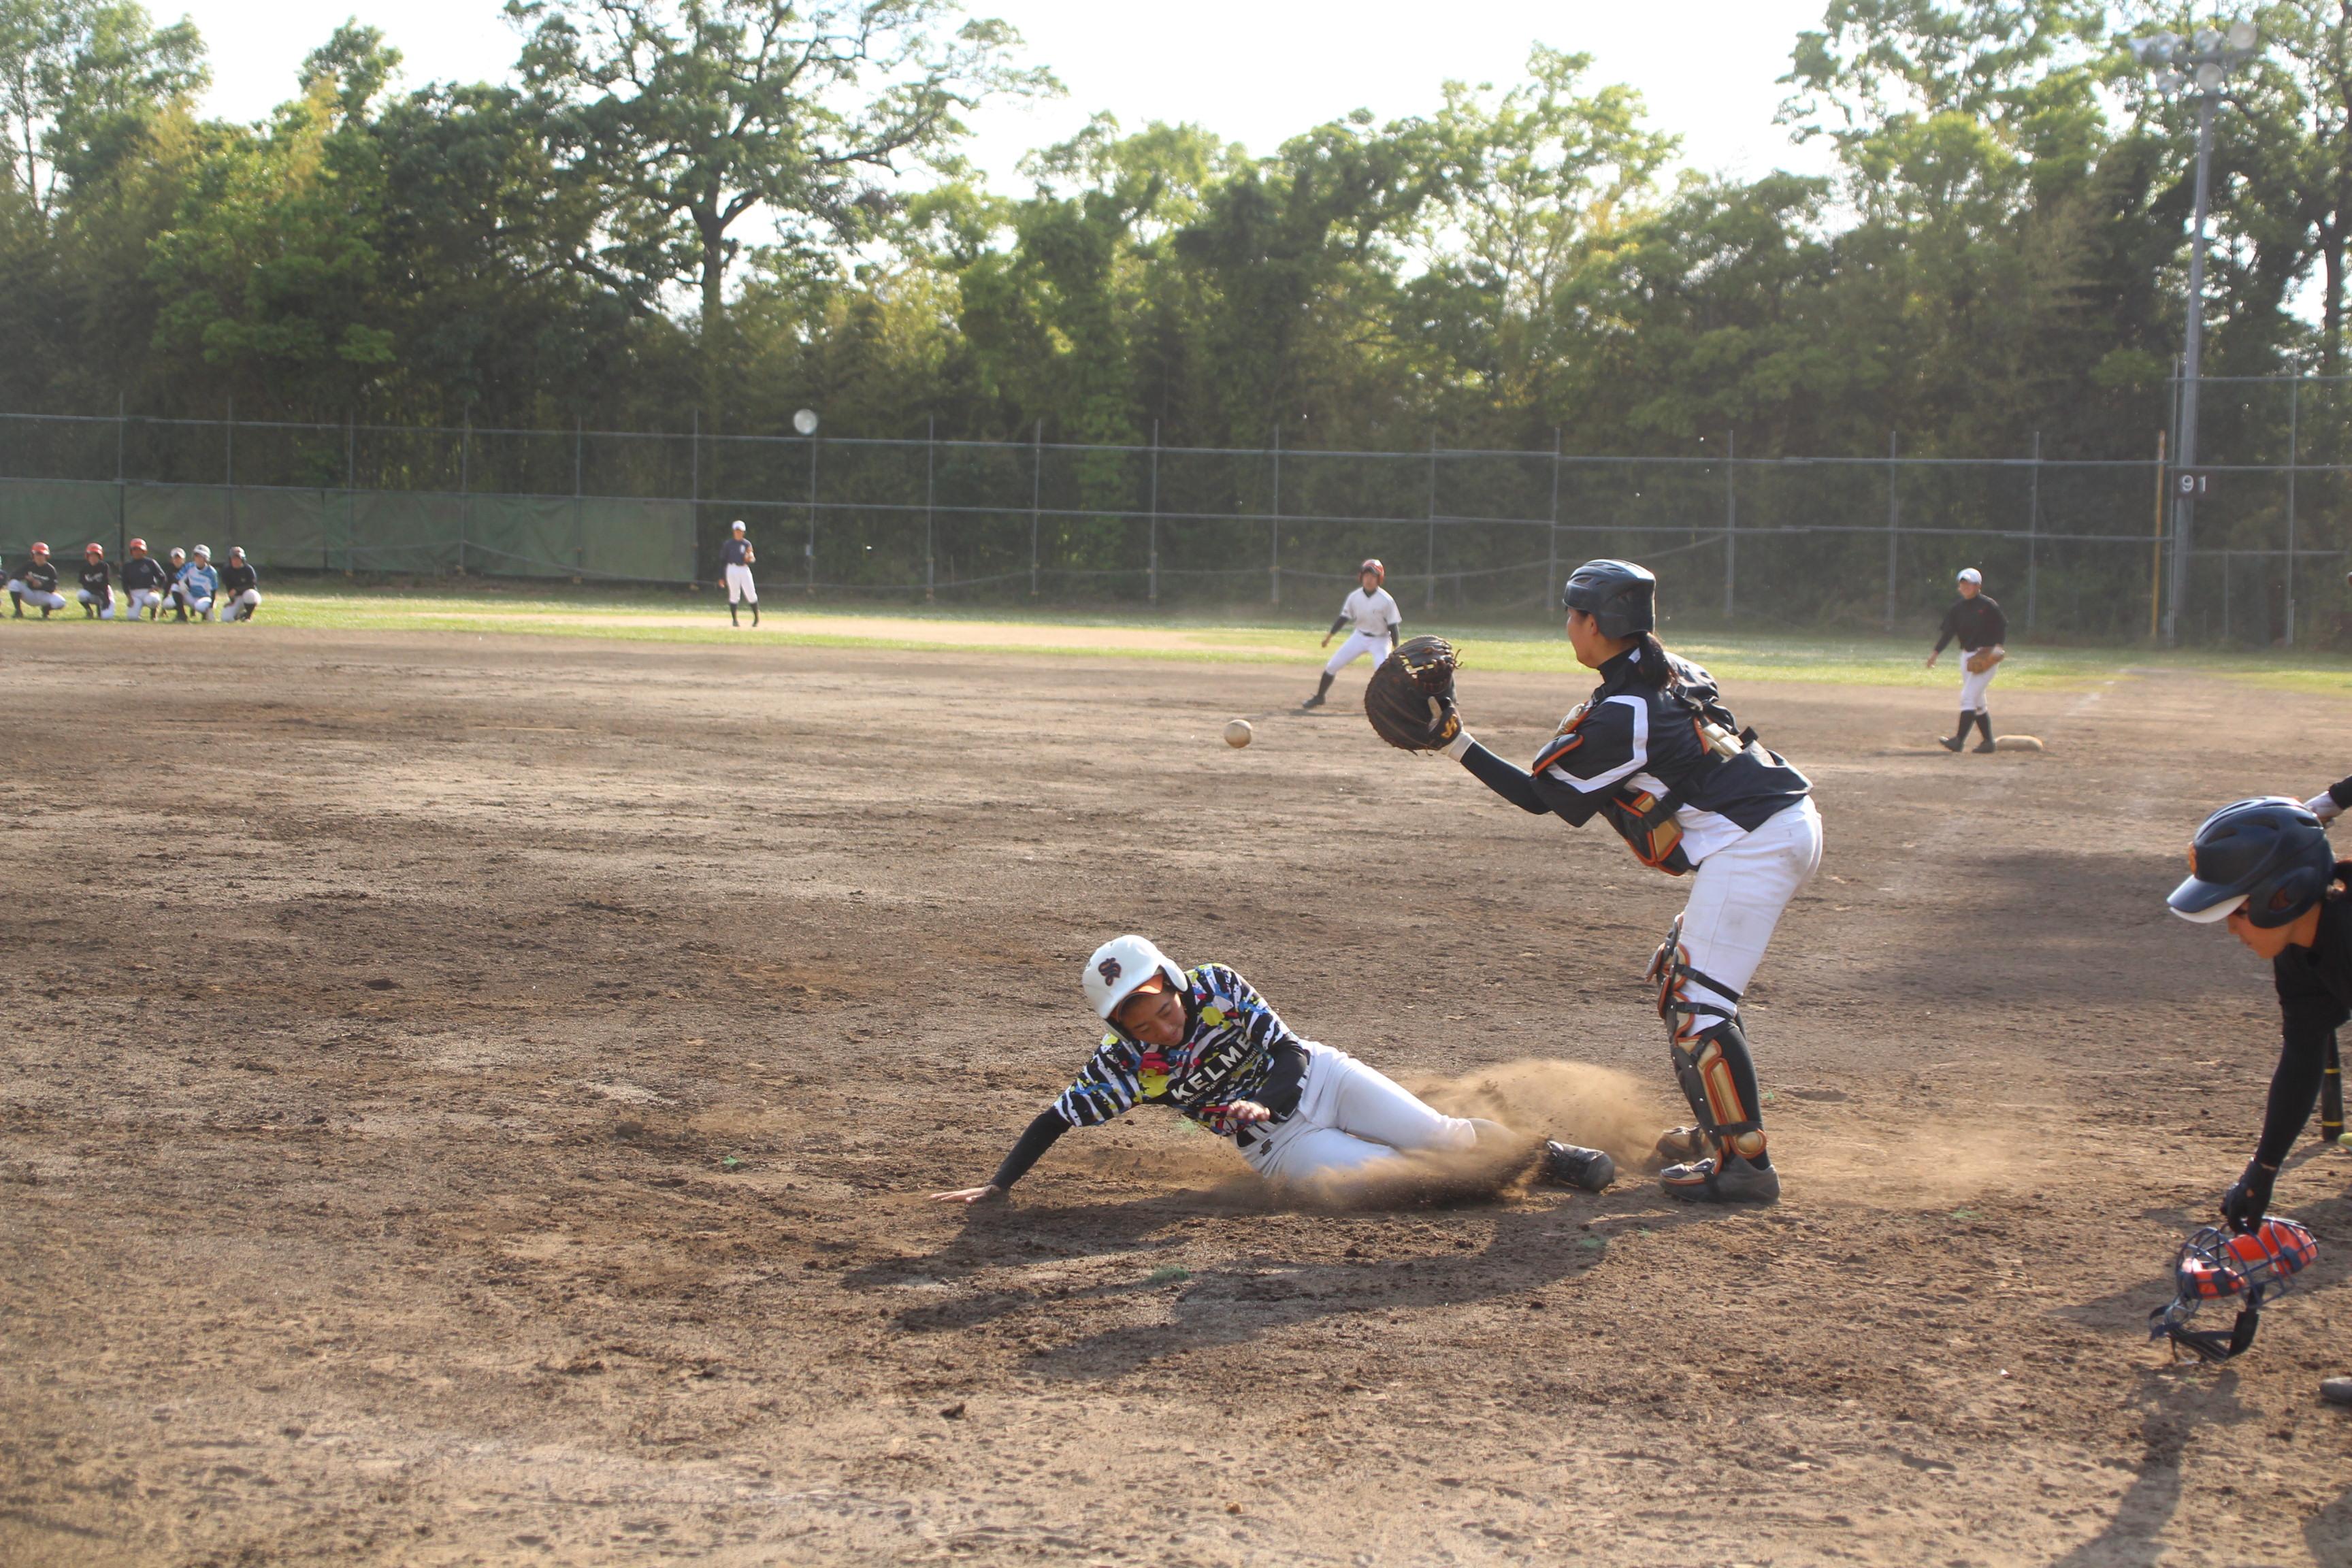 守備練習を行う埼玉栄女子野球部の選手たち